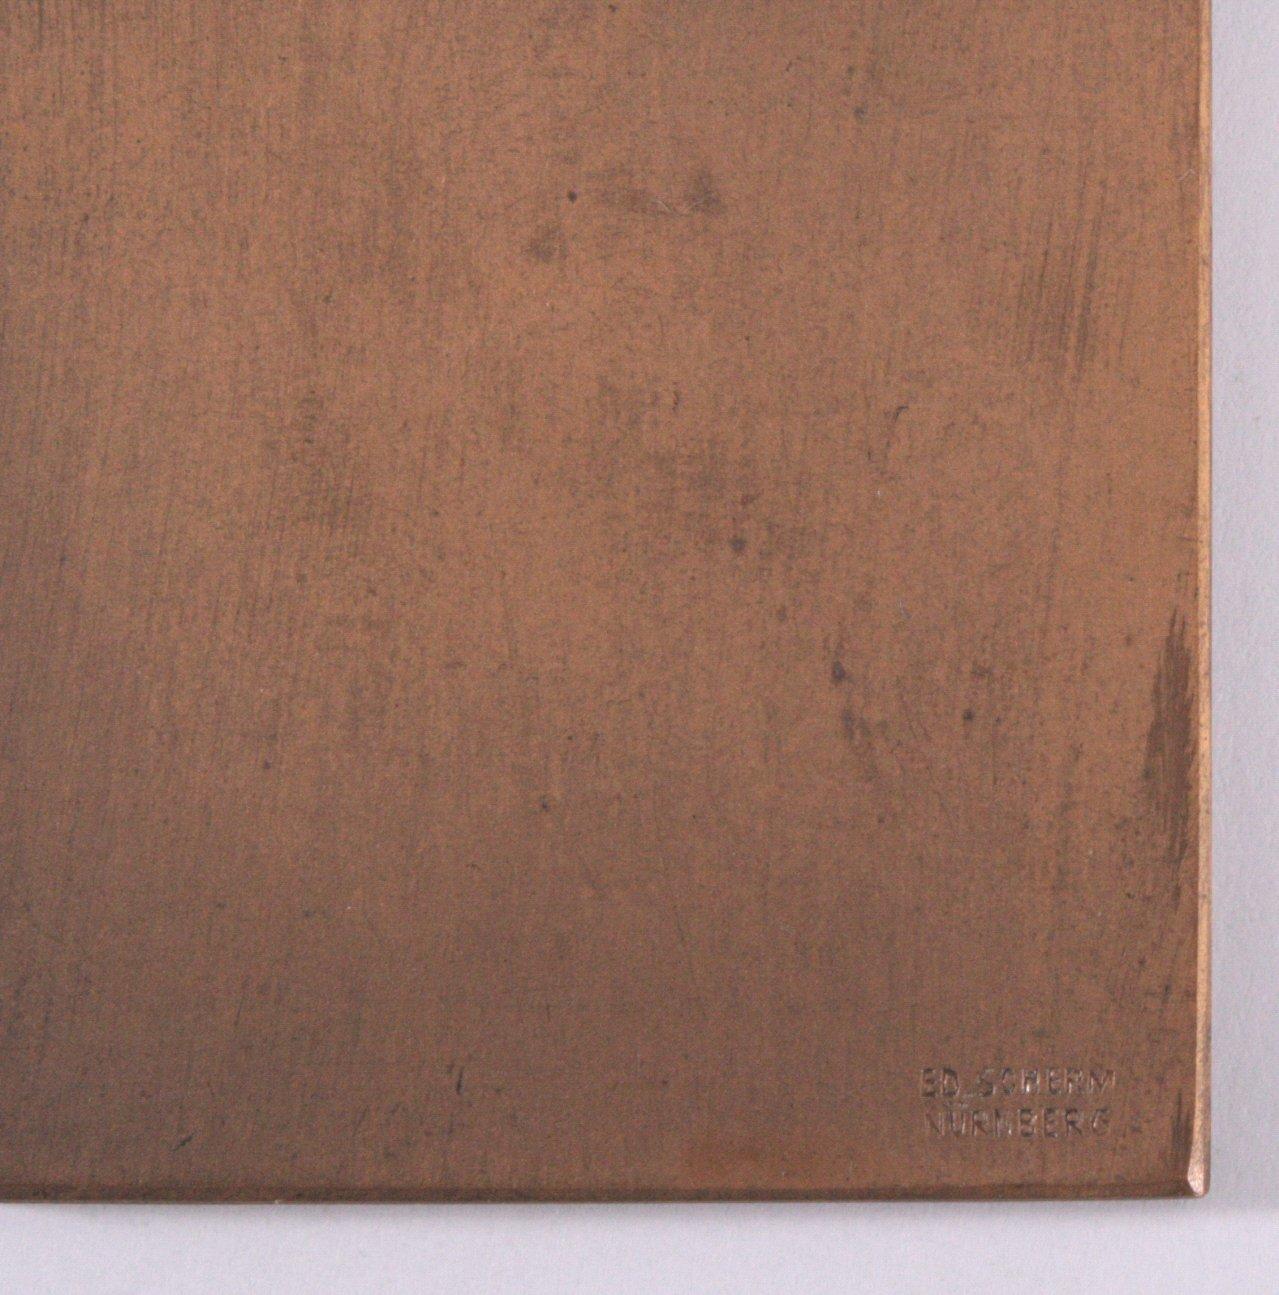 Jugendstil Plakette, Eduard Scherm Nürnberg-1